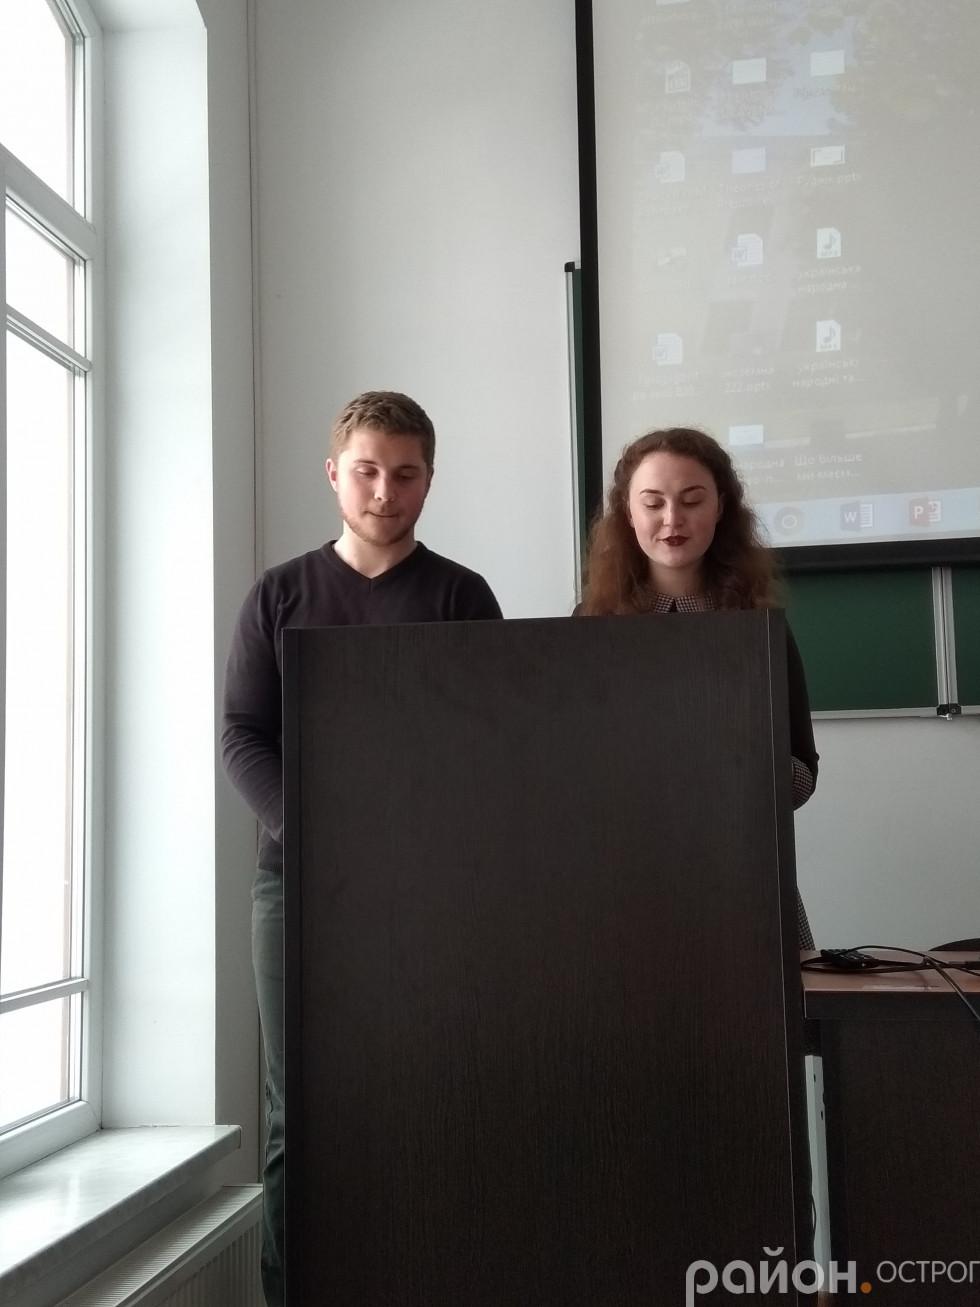 Ведучі заходу Дмитро Петрук і Маріанна Шкрабій